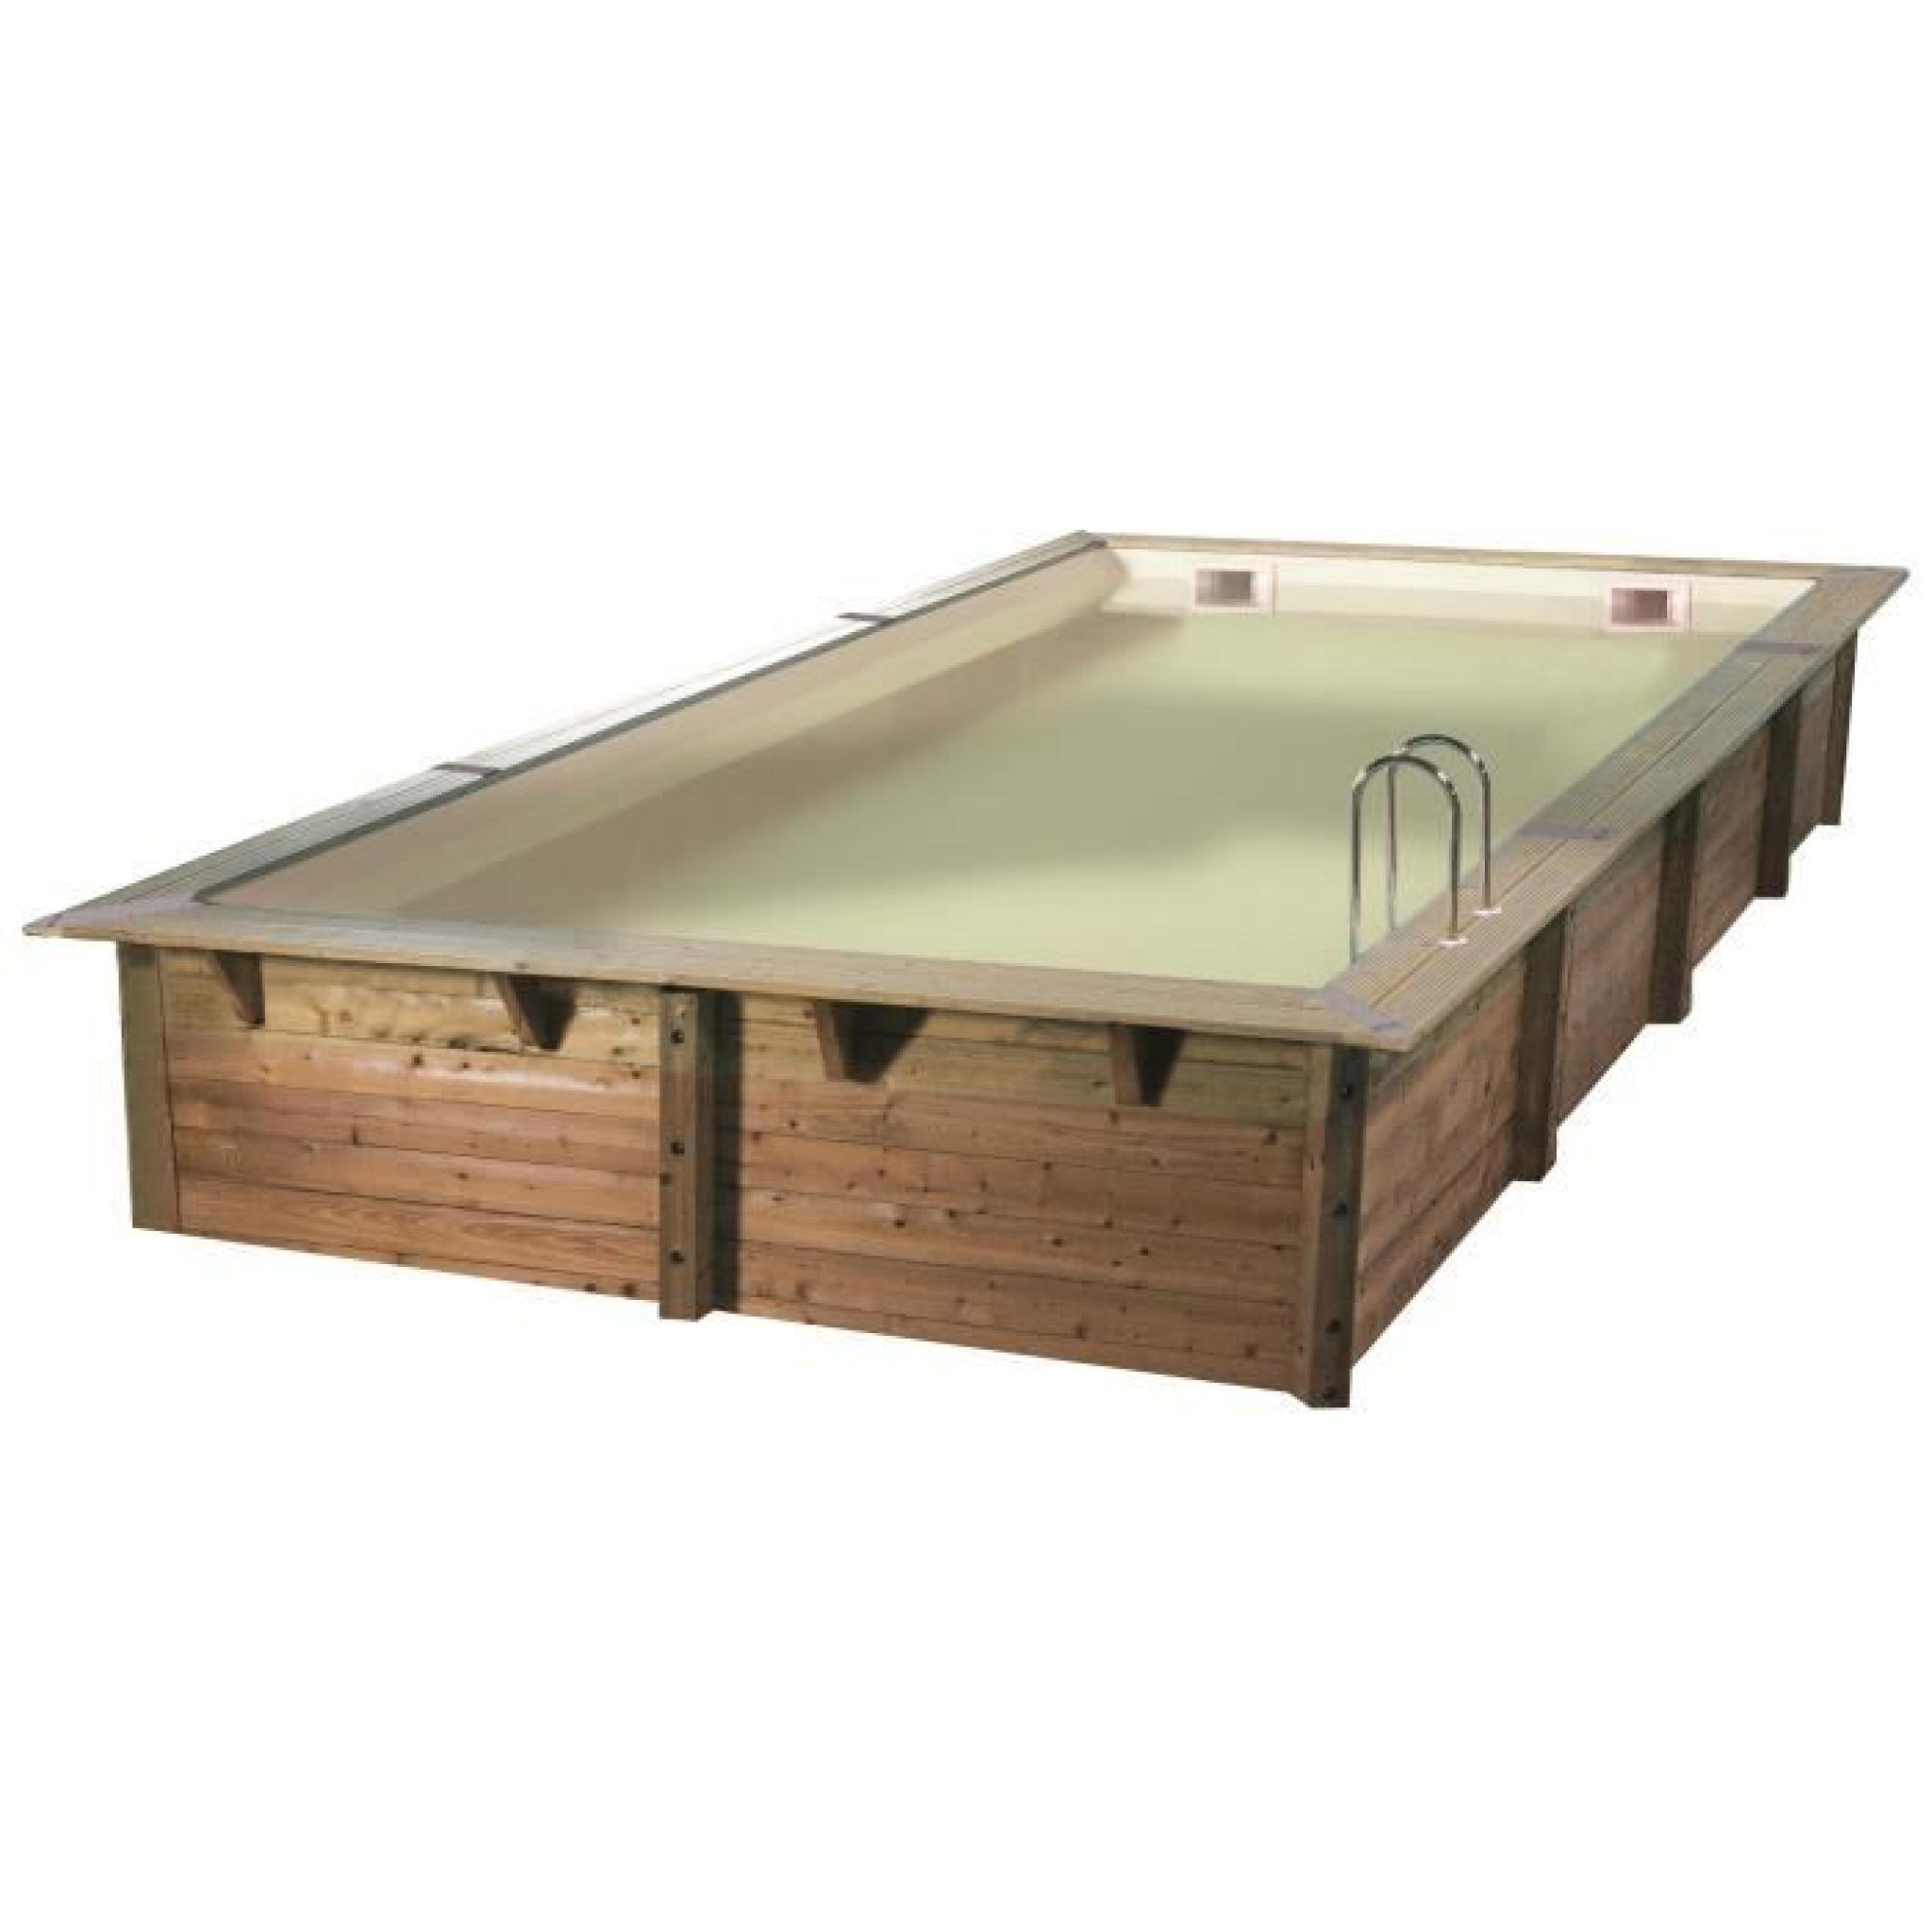 Ubbink piscine octogonale en bois lin a 350x650xh140 cm for Piscine en bois pas cher